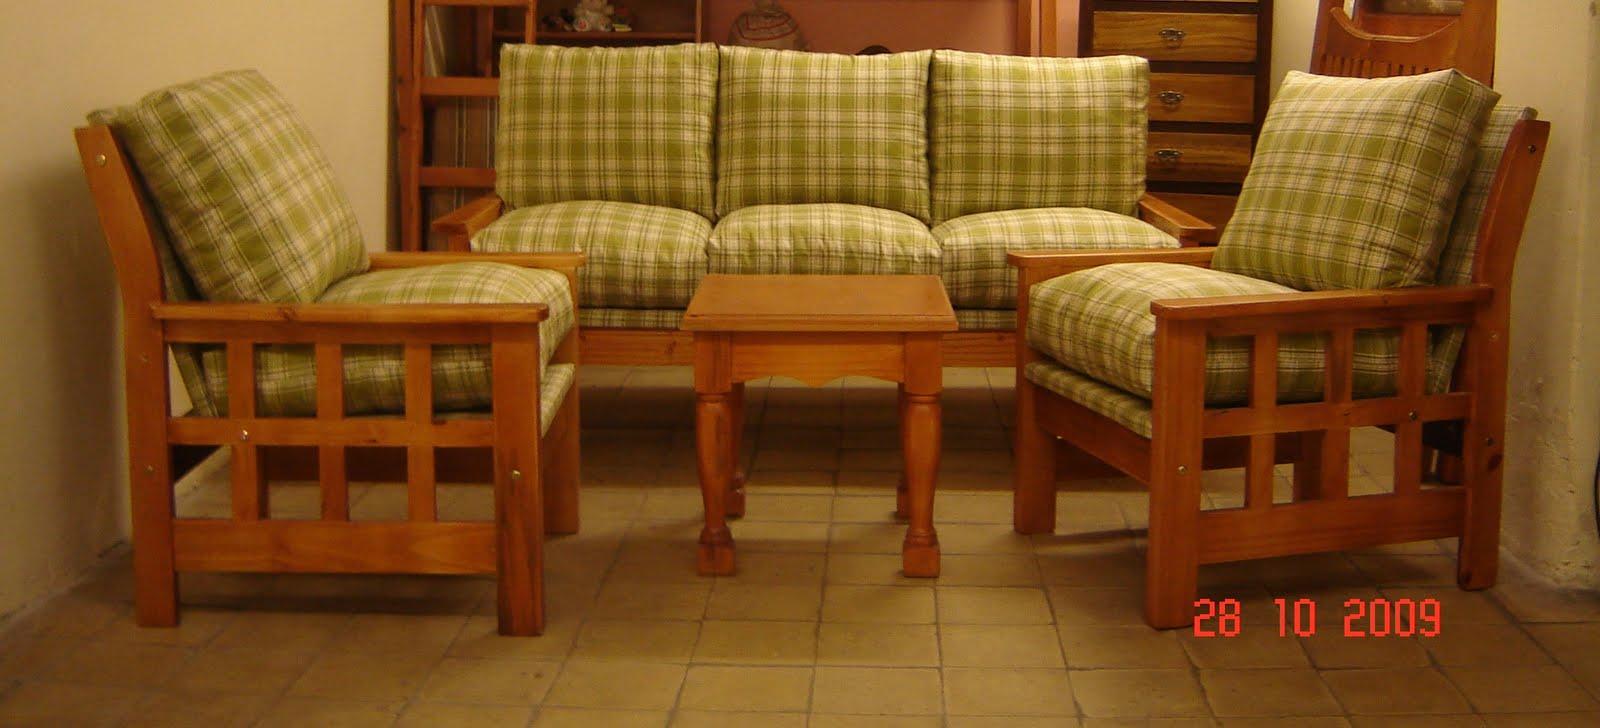 Muebles a tu medida juego de living reja for Muebles a tu medida